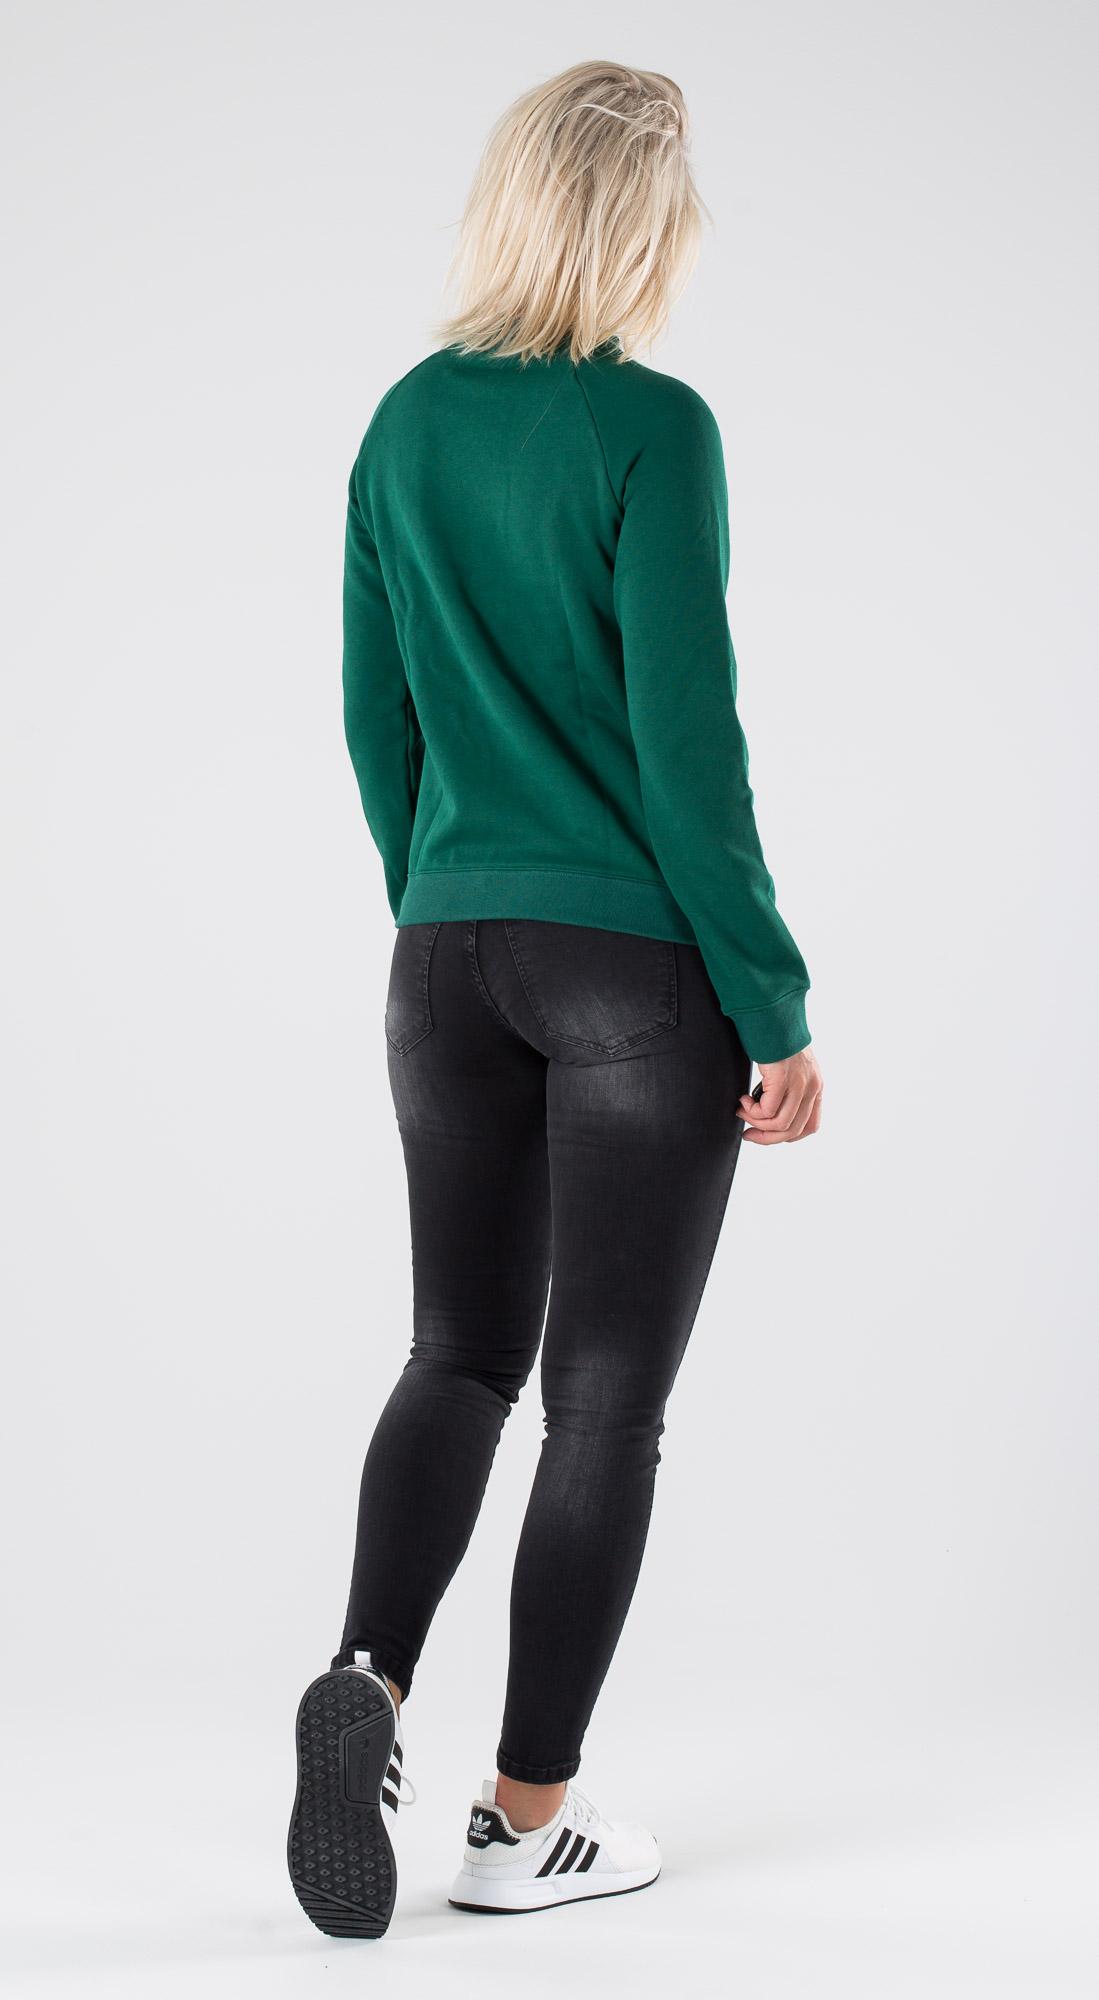 Adidas Originals Trefoil Collegiate Green Outfit Ridestore